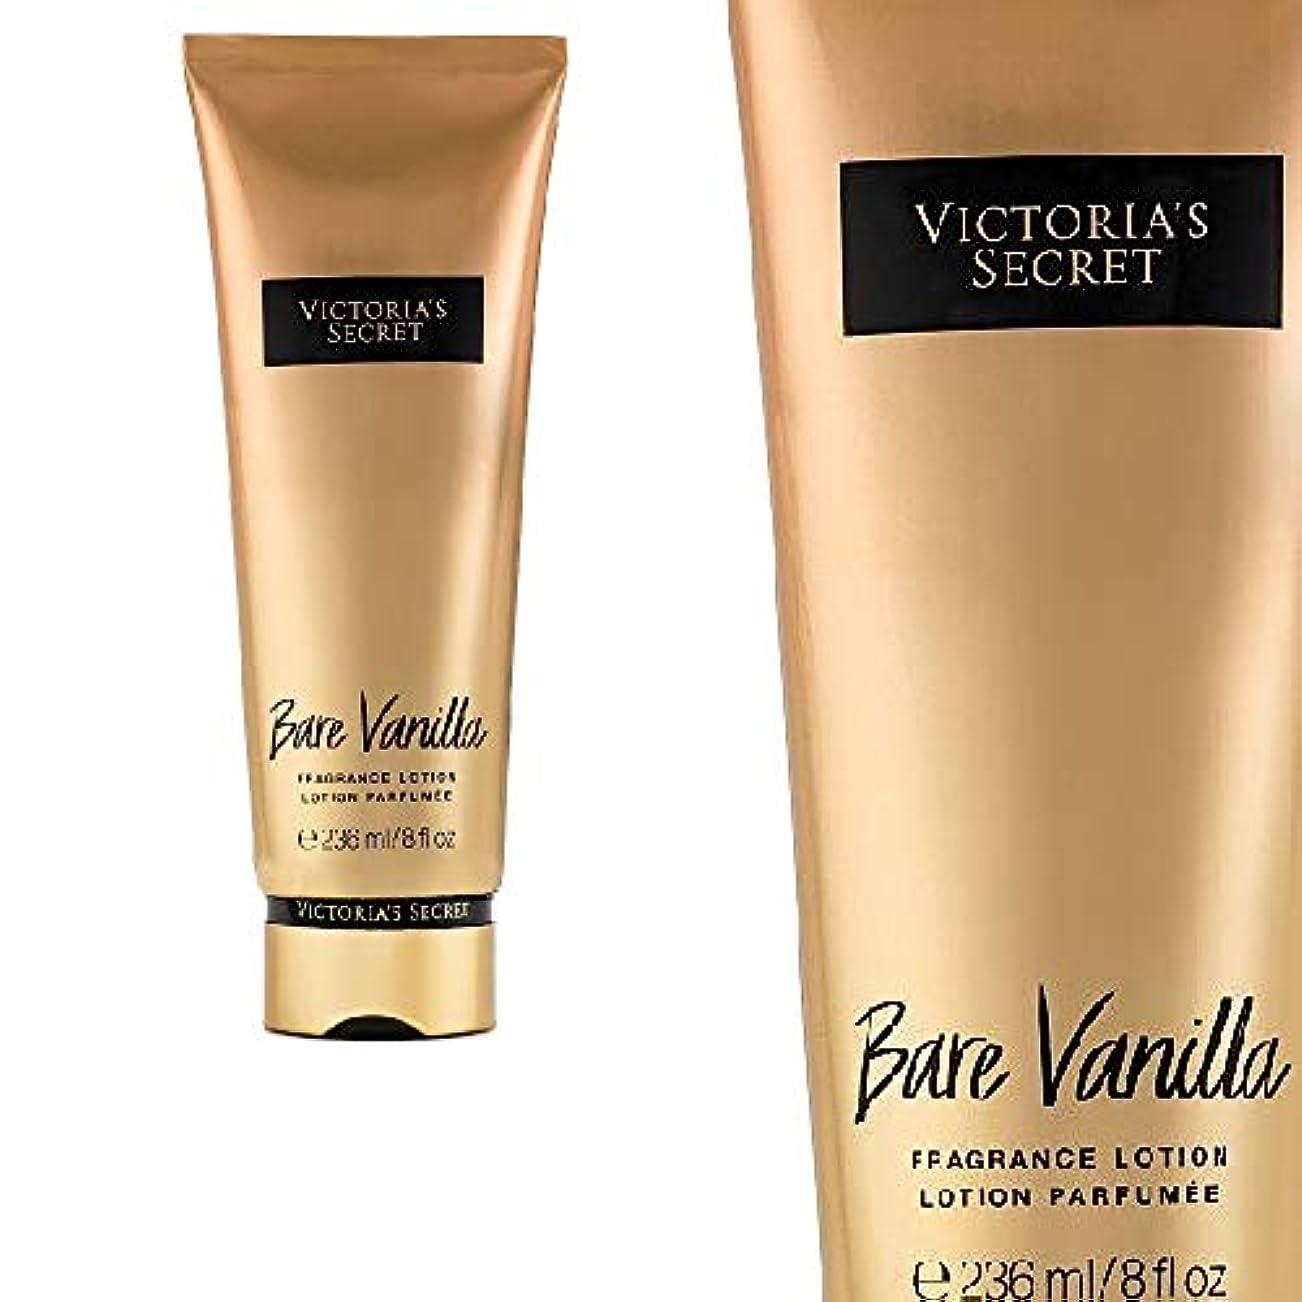 はがき印象的な先NEW!! フレグランスローション Fragrance Lotion ヴィクトリアシークレット (60.ベアーバニラ/BareVanilla) [並行輸入品]